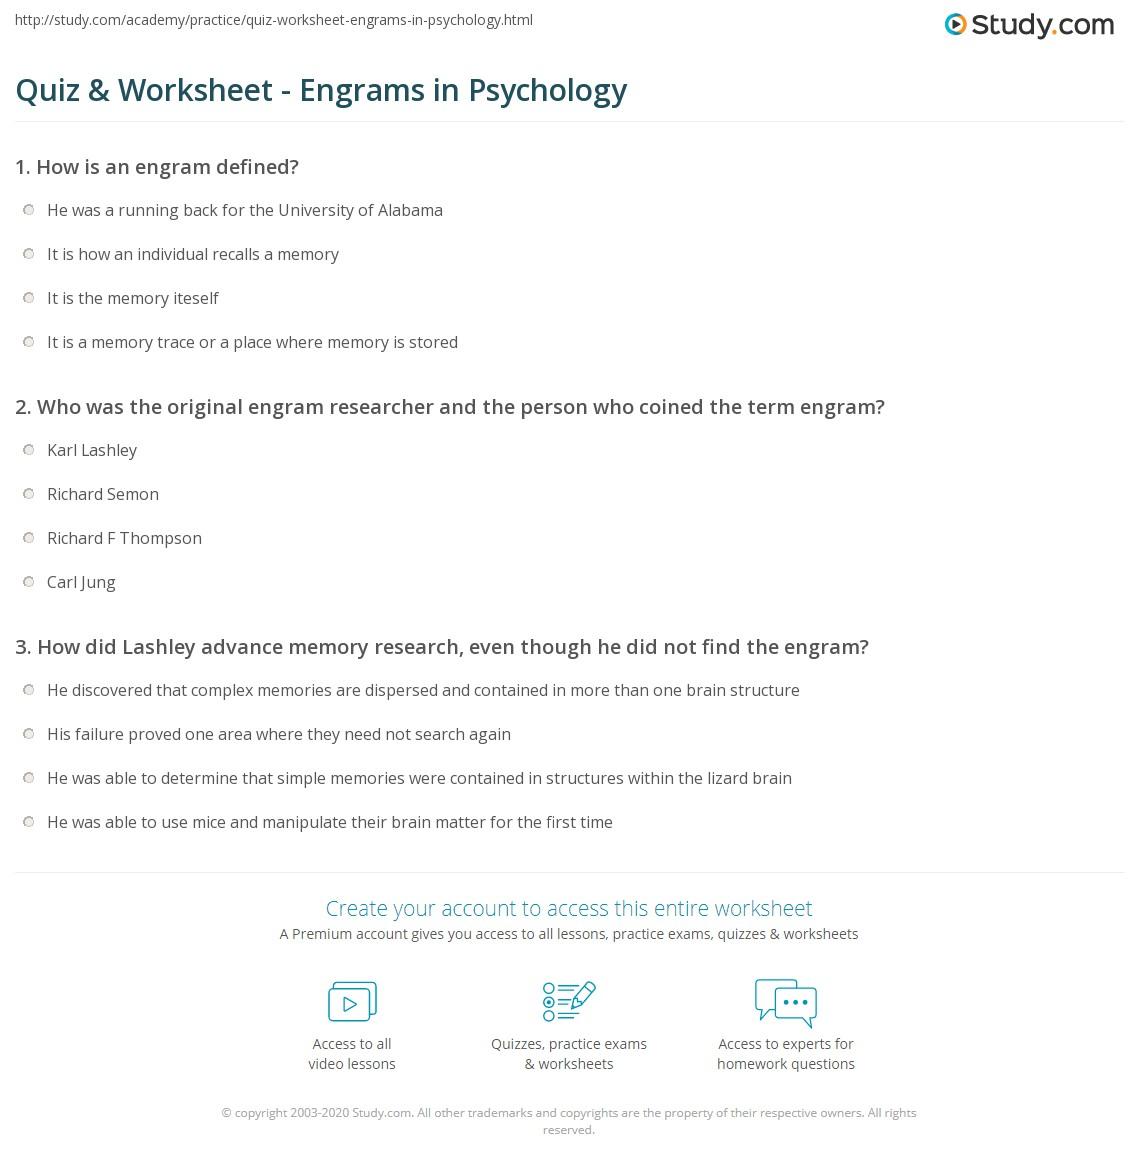 quiz worksheet engrams in psychology. Black Bedroom Furniture Sets. Home Design Ideas